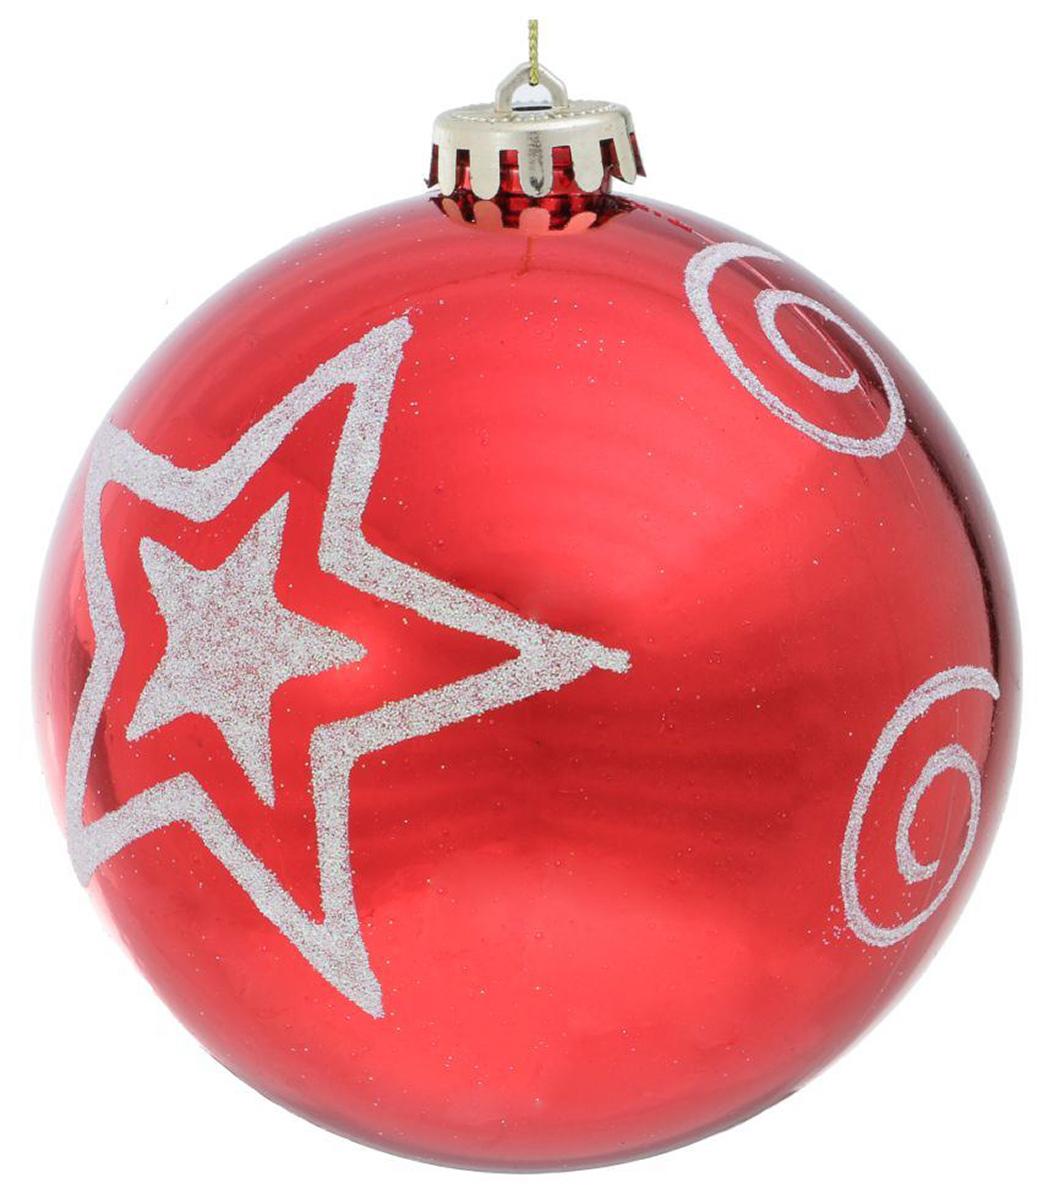 Новогоднее подвесное украшение Sima-land Звезда. Завиток, диаметр 12 см1307047Новогоднее украшение Sima-land отлично подойдет для декорации вашего дома и новогодней ели. Елочная игрушка - символ Нового года. Она несет в себе волшебство и красоту праздника. Такое украшение создаст в вашем доме атмосферу праздника, веселья и радости.